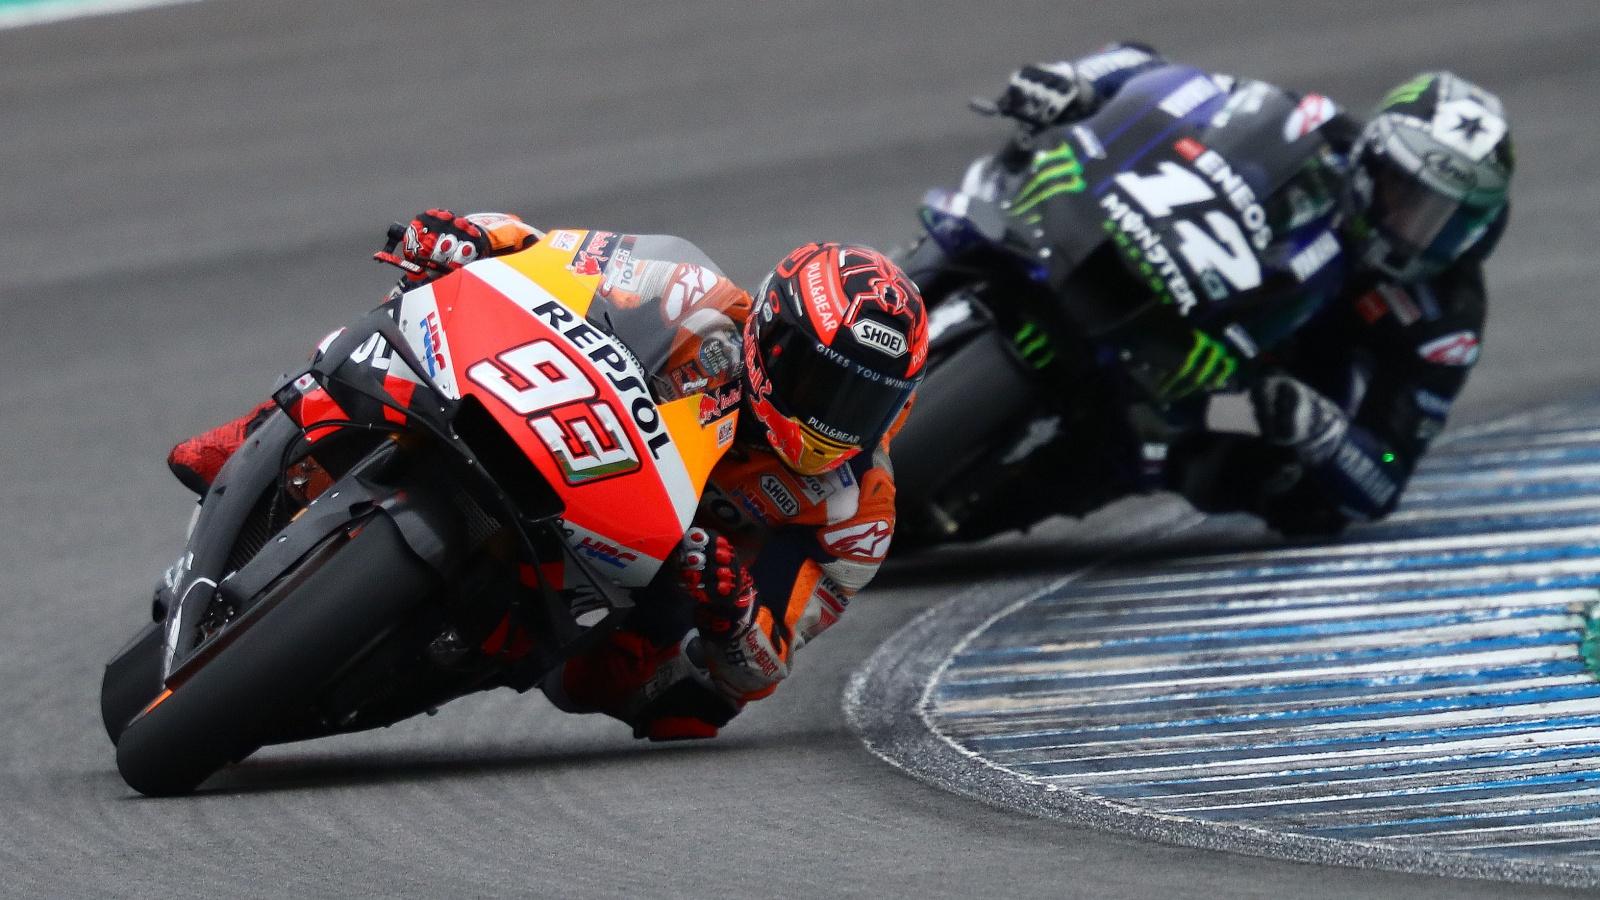 MotoGP 2020: Yamaha desafía a Marc Márquez, Suzuki está y a Ducati se le espera